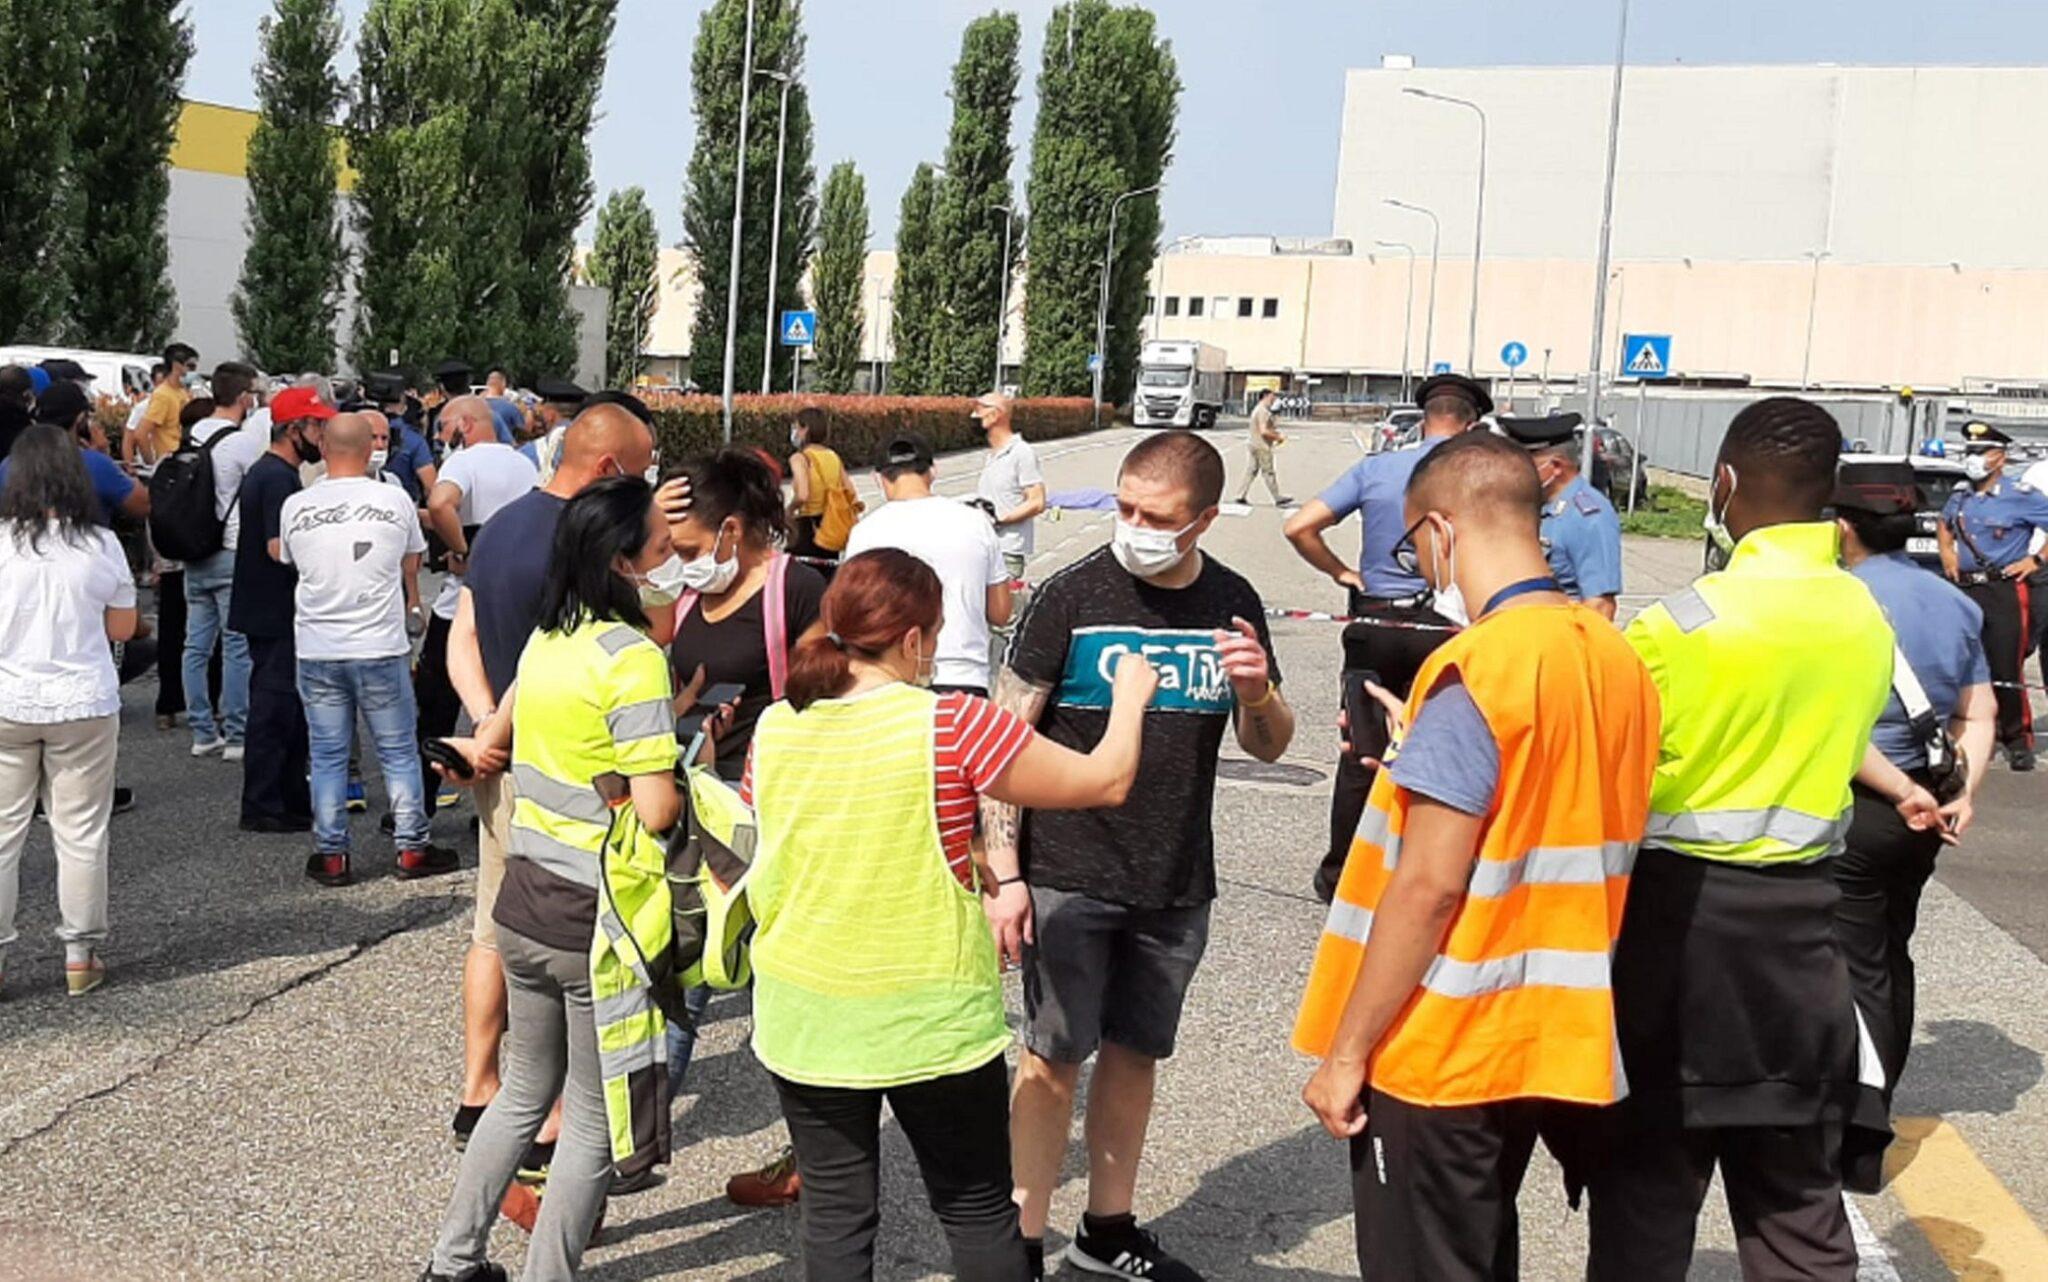 Il giorno dopo a Biandrate lo sciopero si estende